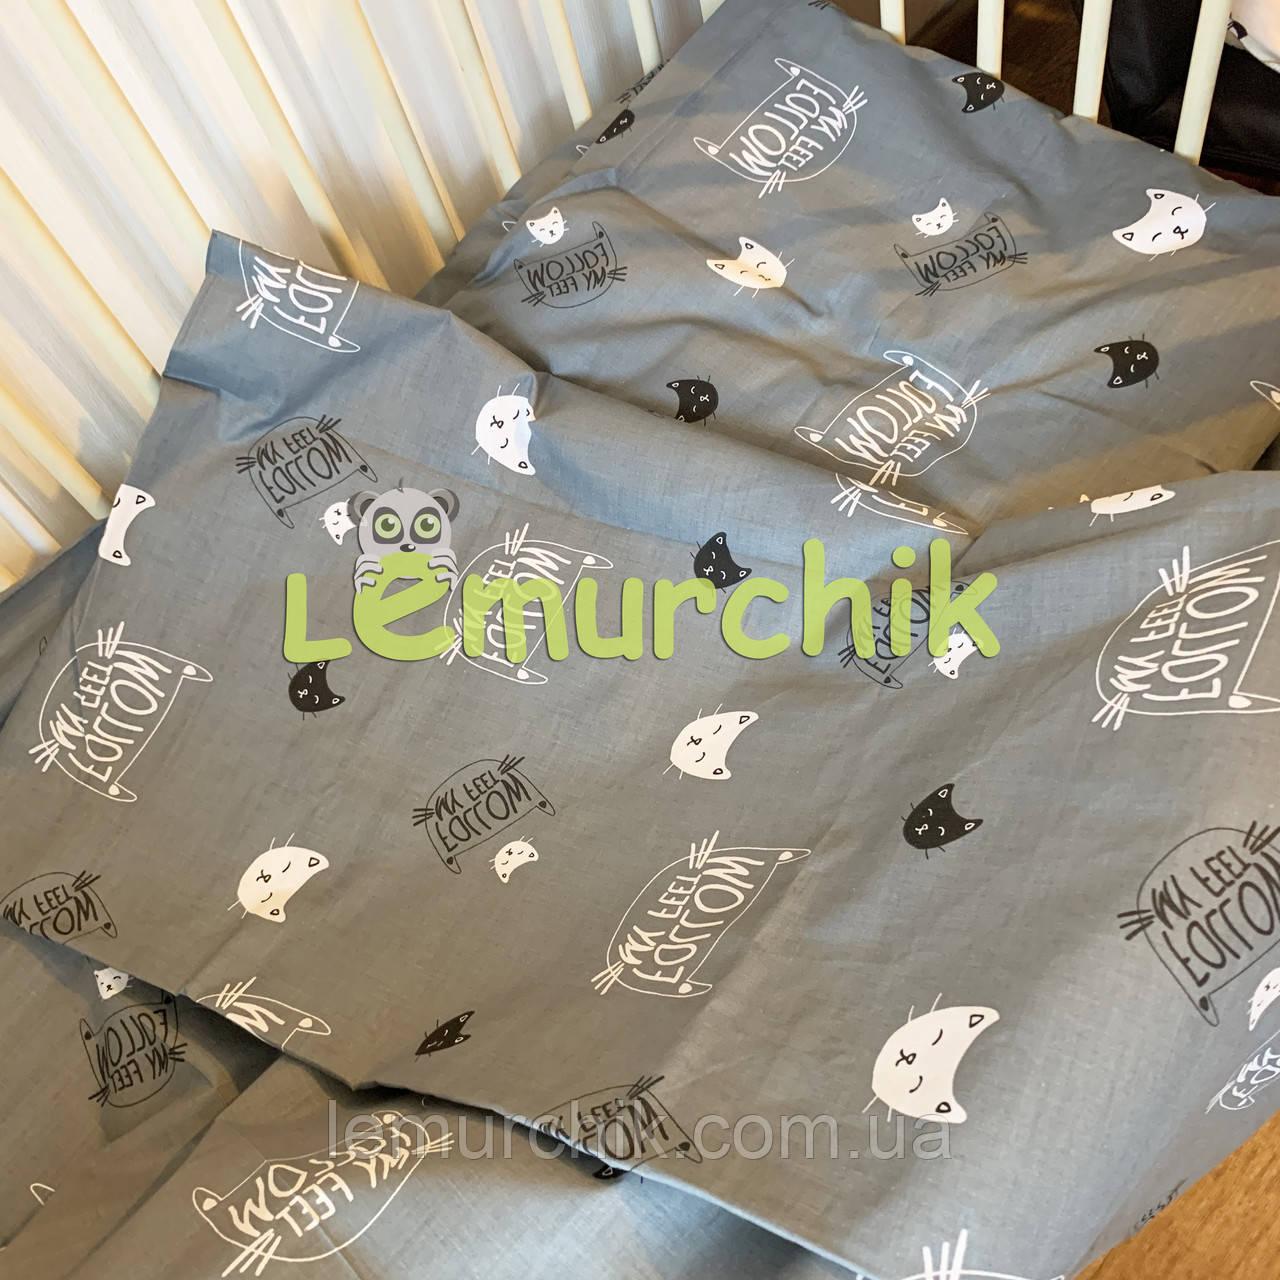 Постільний набір в дитячу ліжечко (3 предмета) Мордочки котиків, сіре